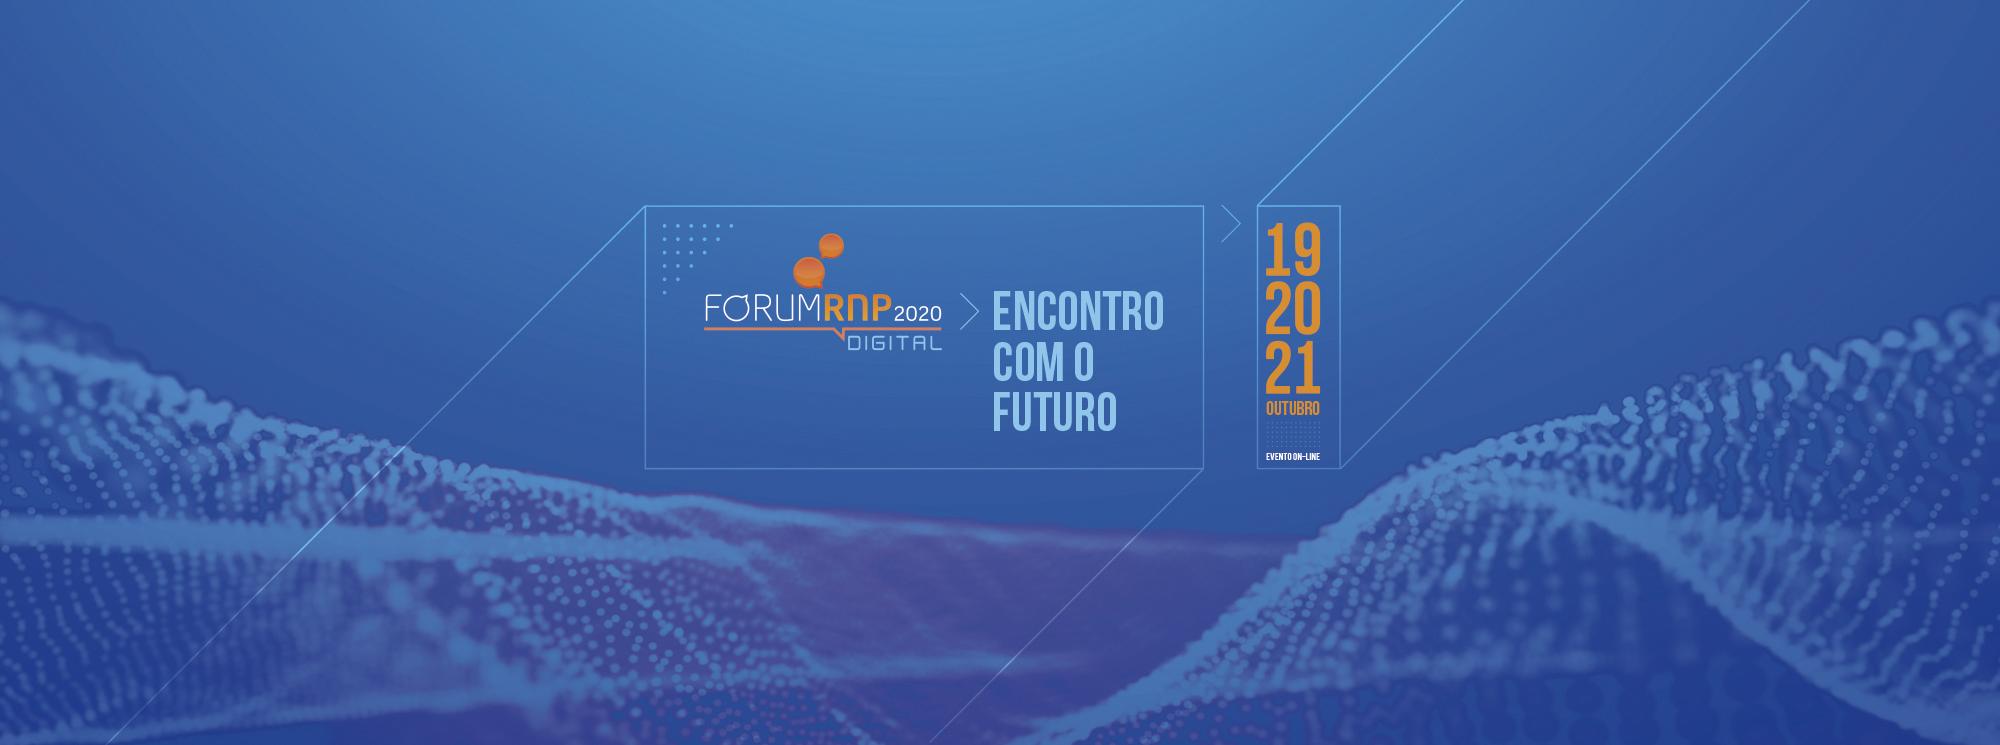 Fórum RNP 2020